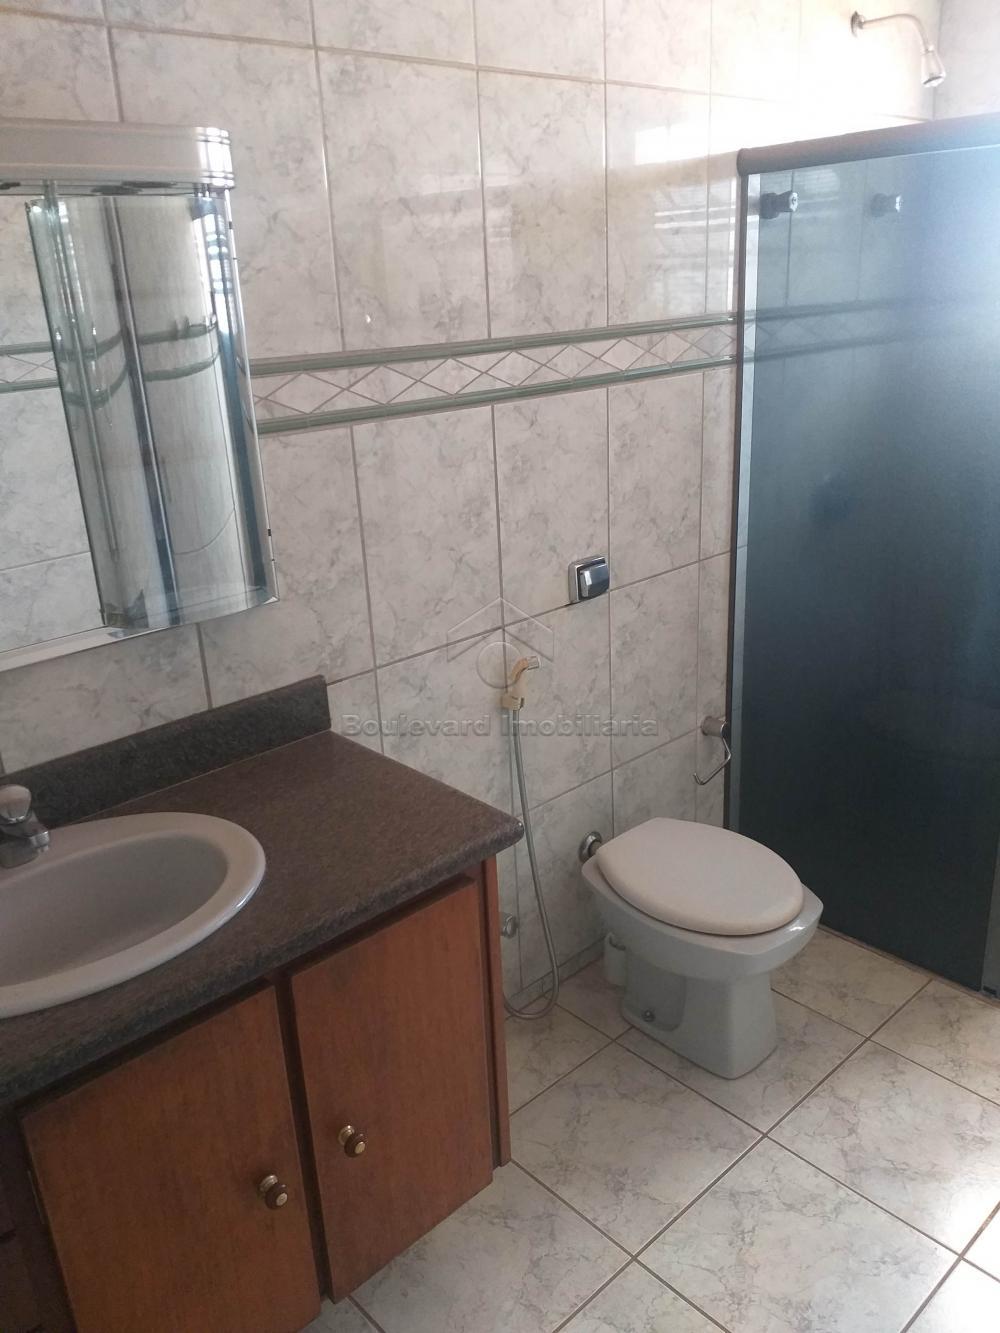 Alugar Casa / Sobrado em Ribeirão Preto R$ 2.400,00 - Foto 15